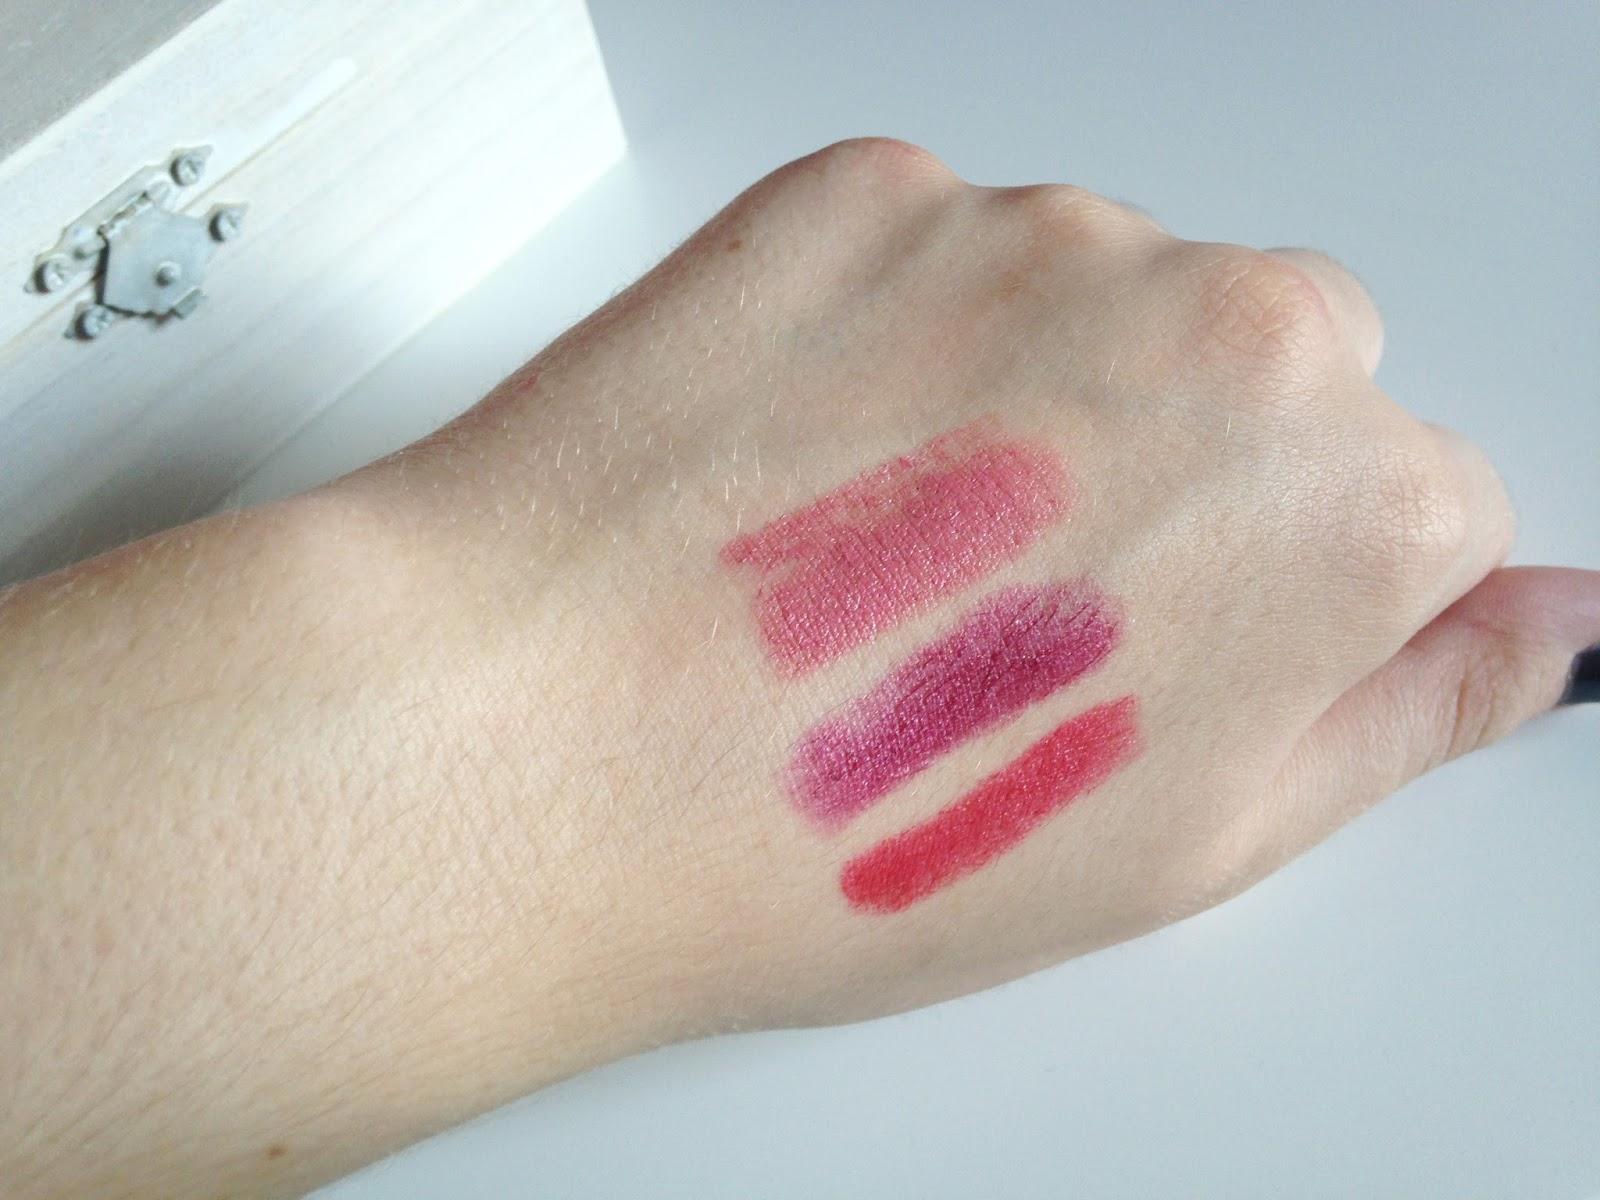 Calvin Klein Lipstick Swatches Ethereal Desire Cosmopolitan